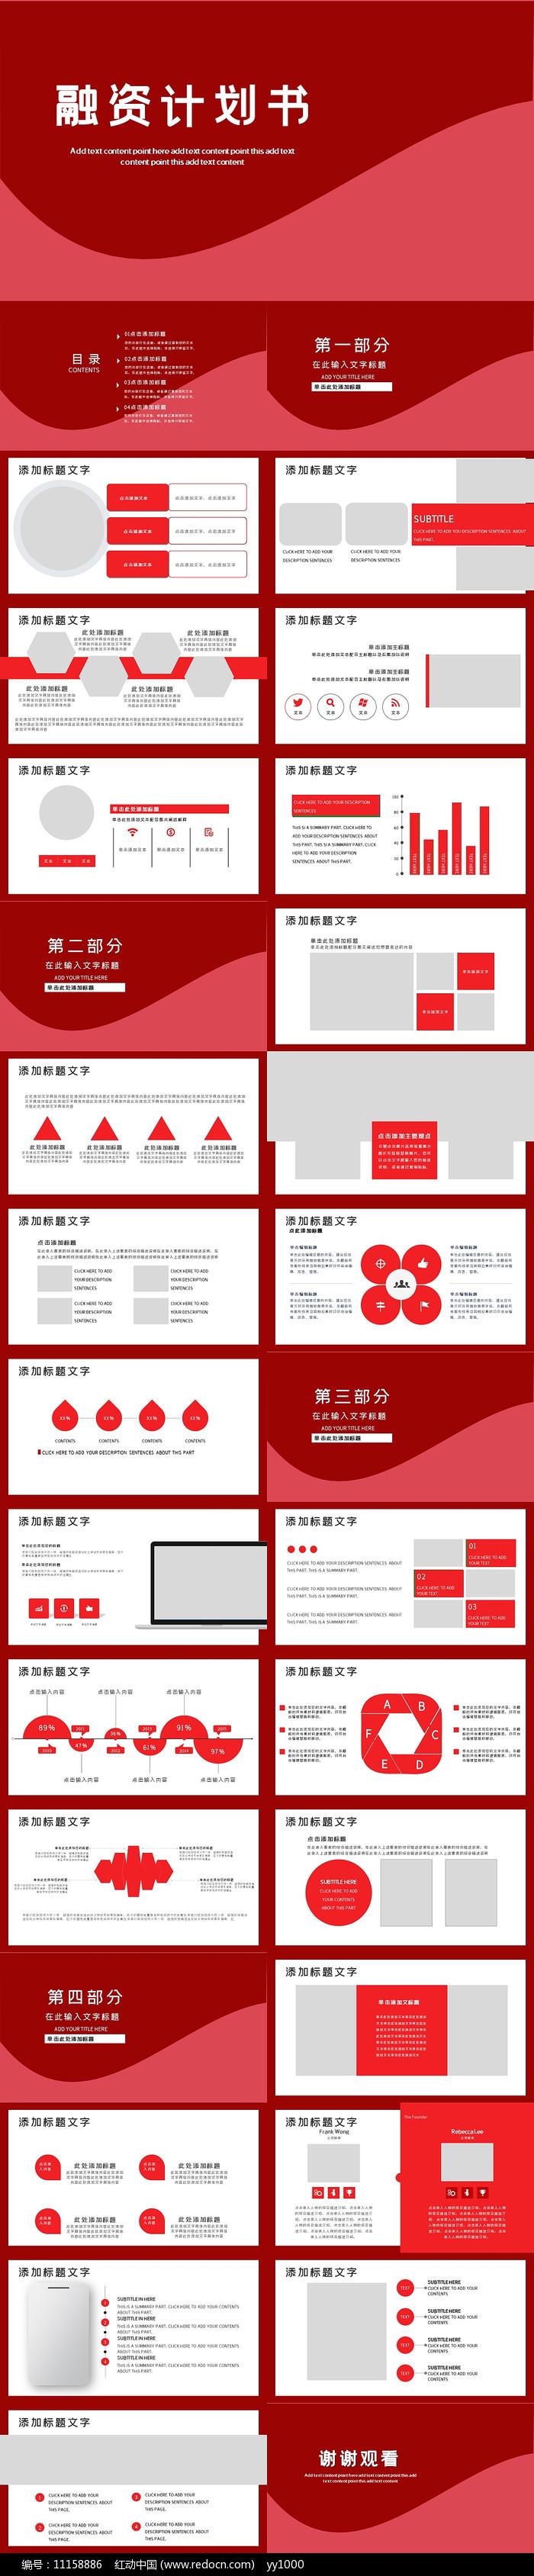 高端霸气项目创业融资计划书PPT模板图片